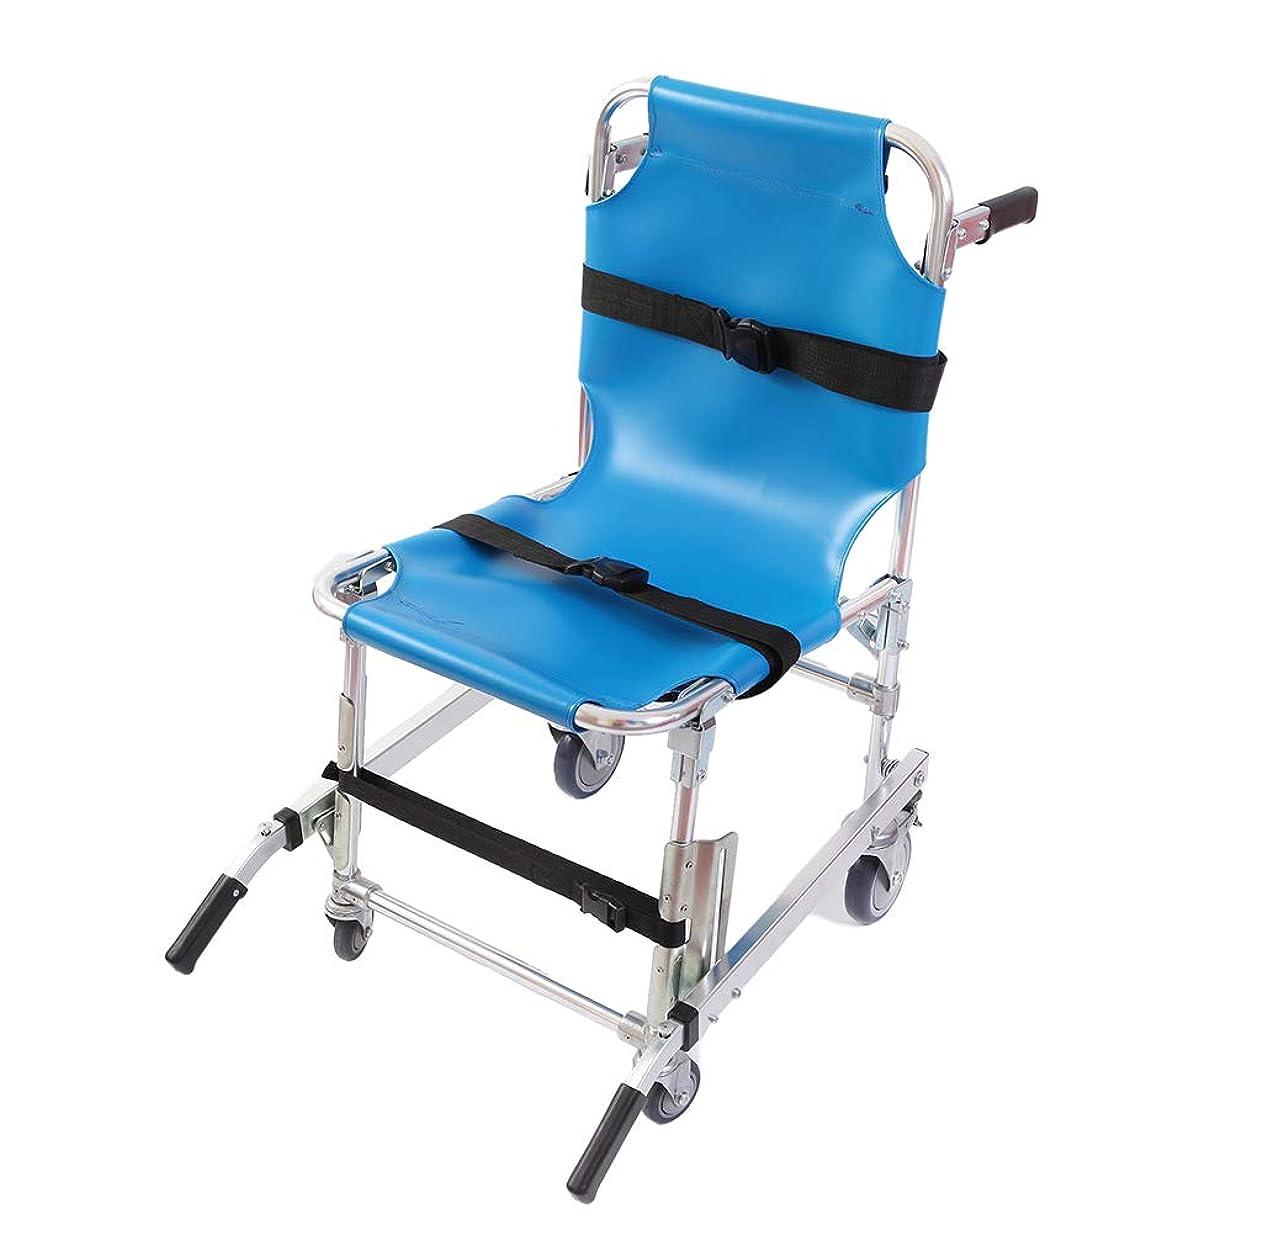 苦情文句支店ベテランアルミ軽量EMS階段椅子緊急避難医療リフト階段椅子クイックリリースバックル付き、ブルー